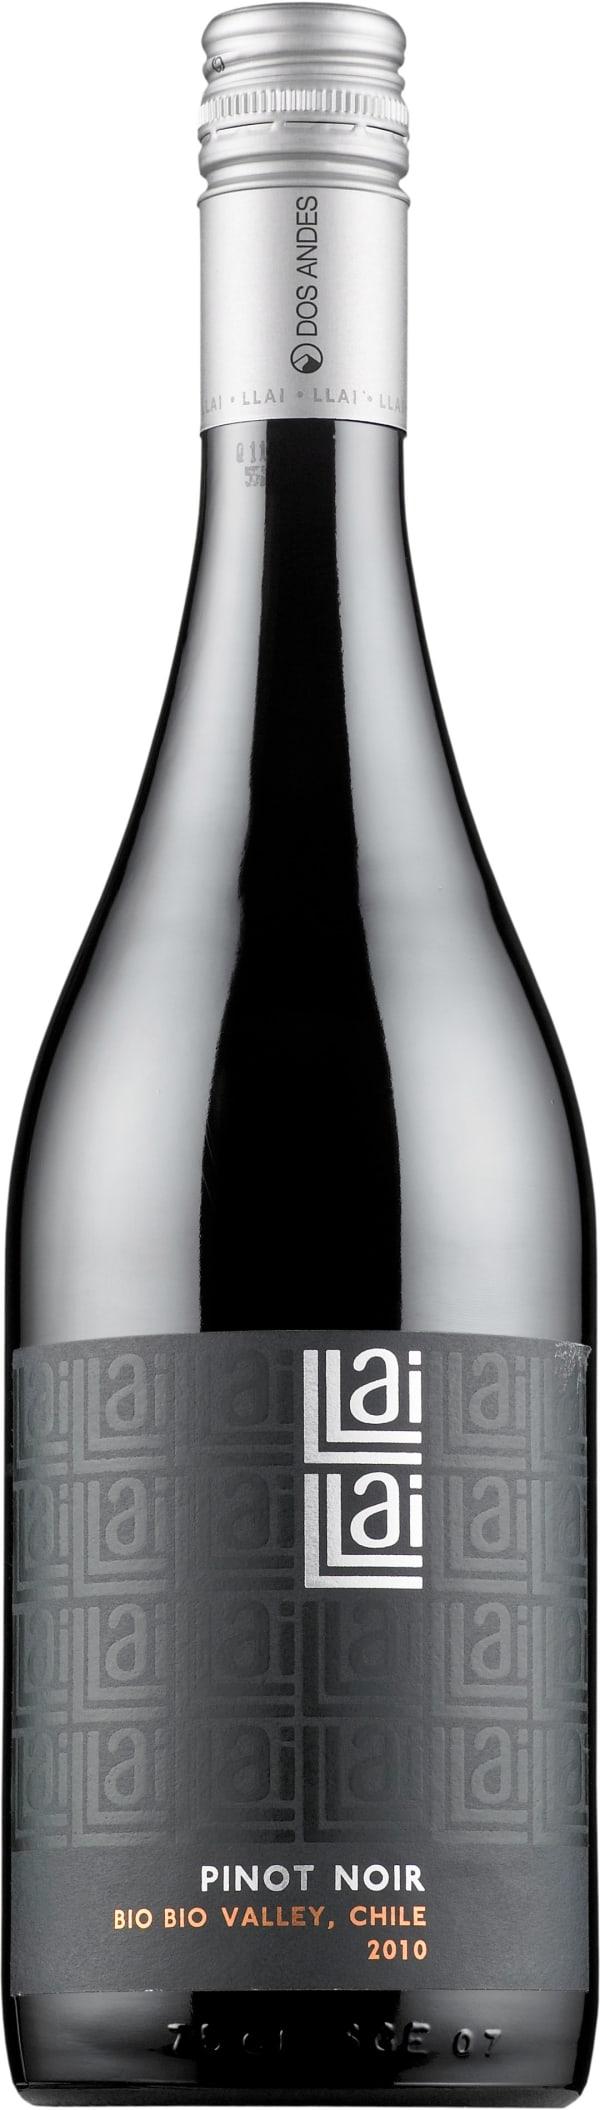 Llai Llai Pinot Noir 2018